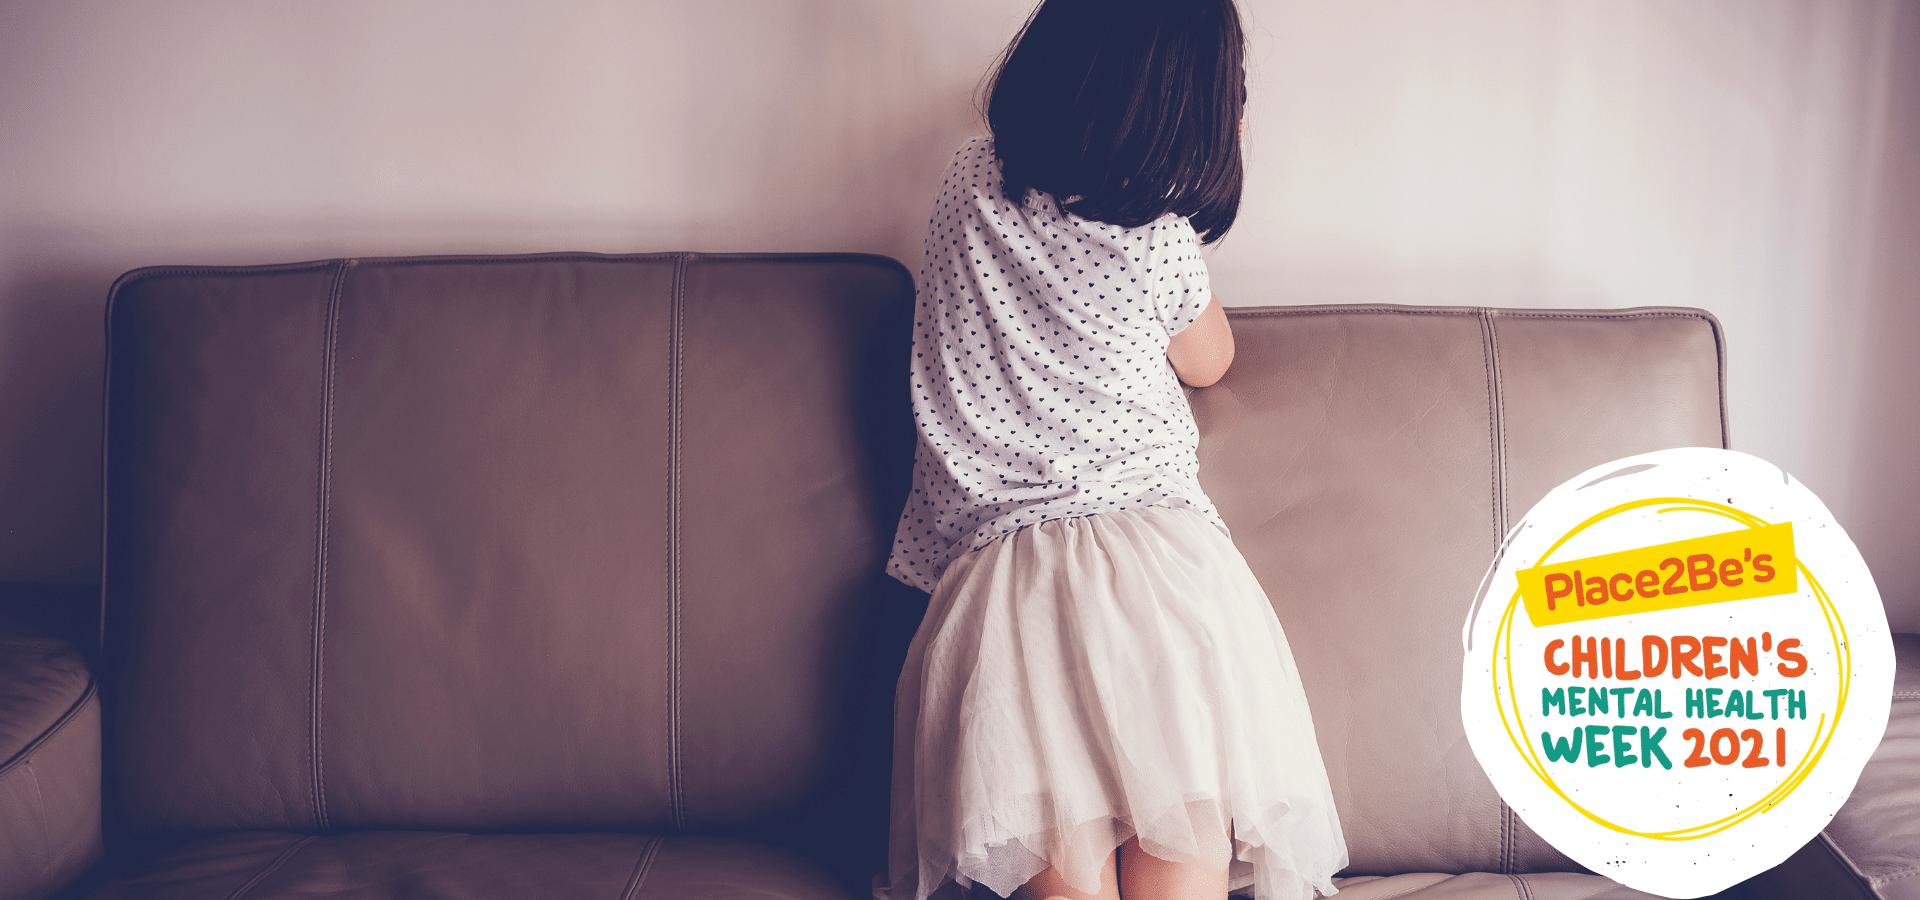 7 Ways to help children struggling during the lockdown